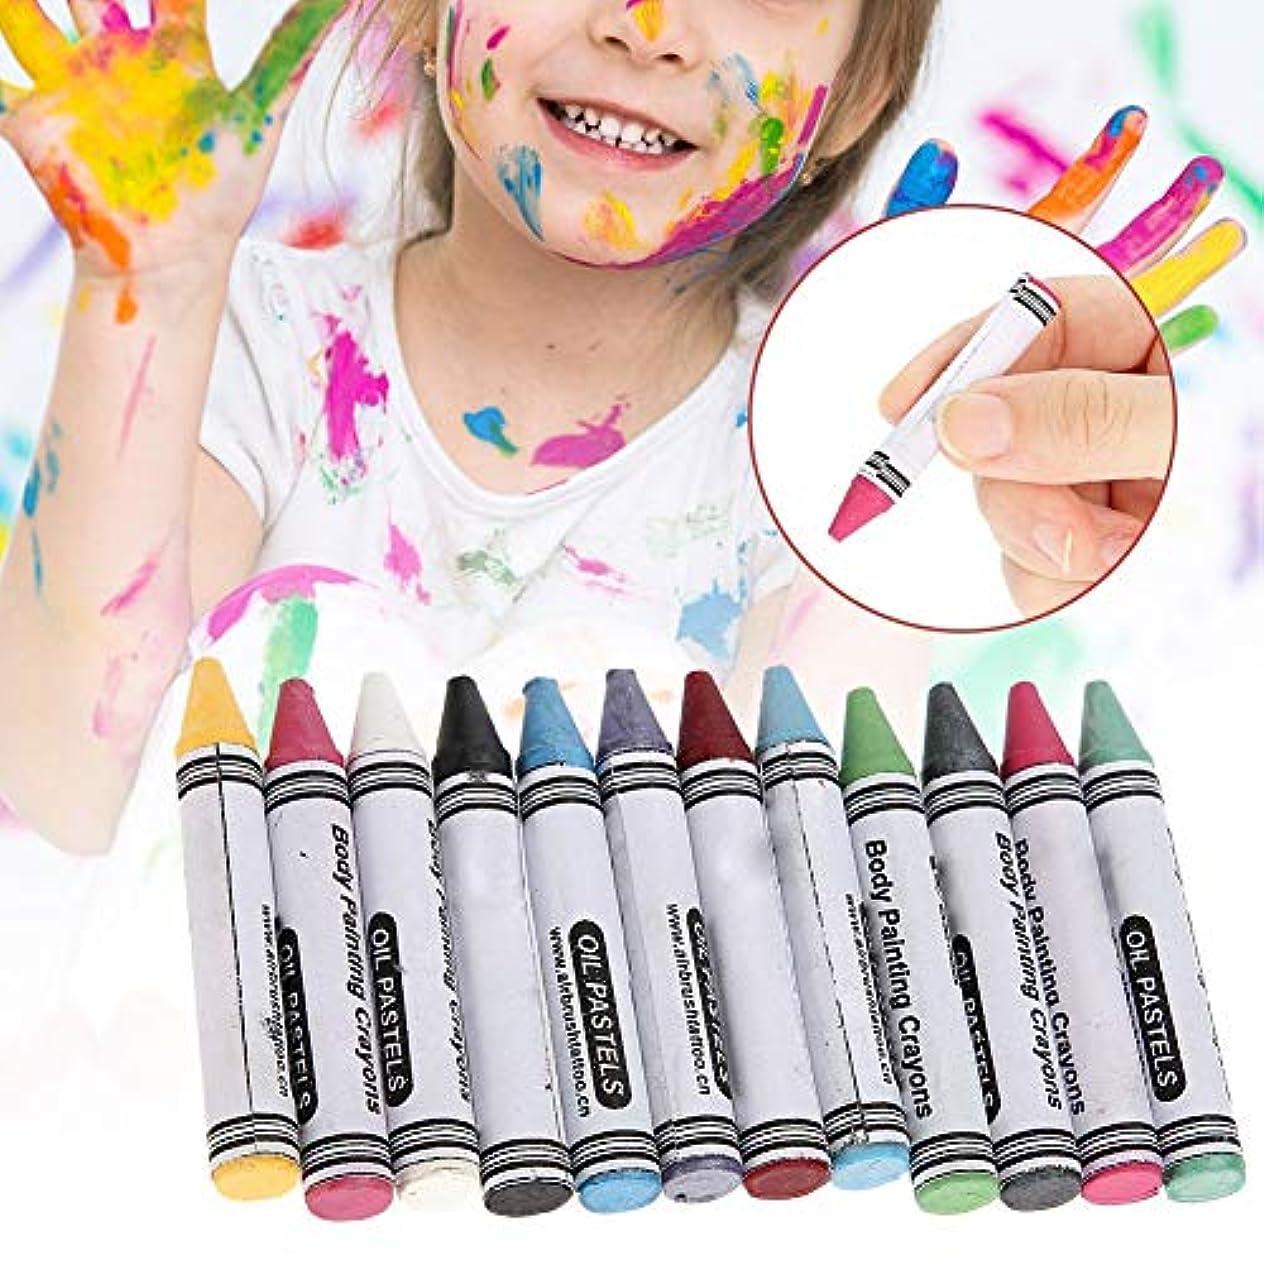 12色 人体の彩絵クレヨン、パーティー祝日 子供用 環境保護 プレゼント